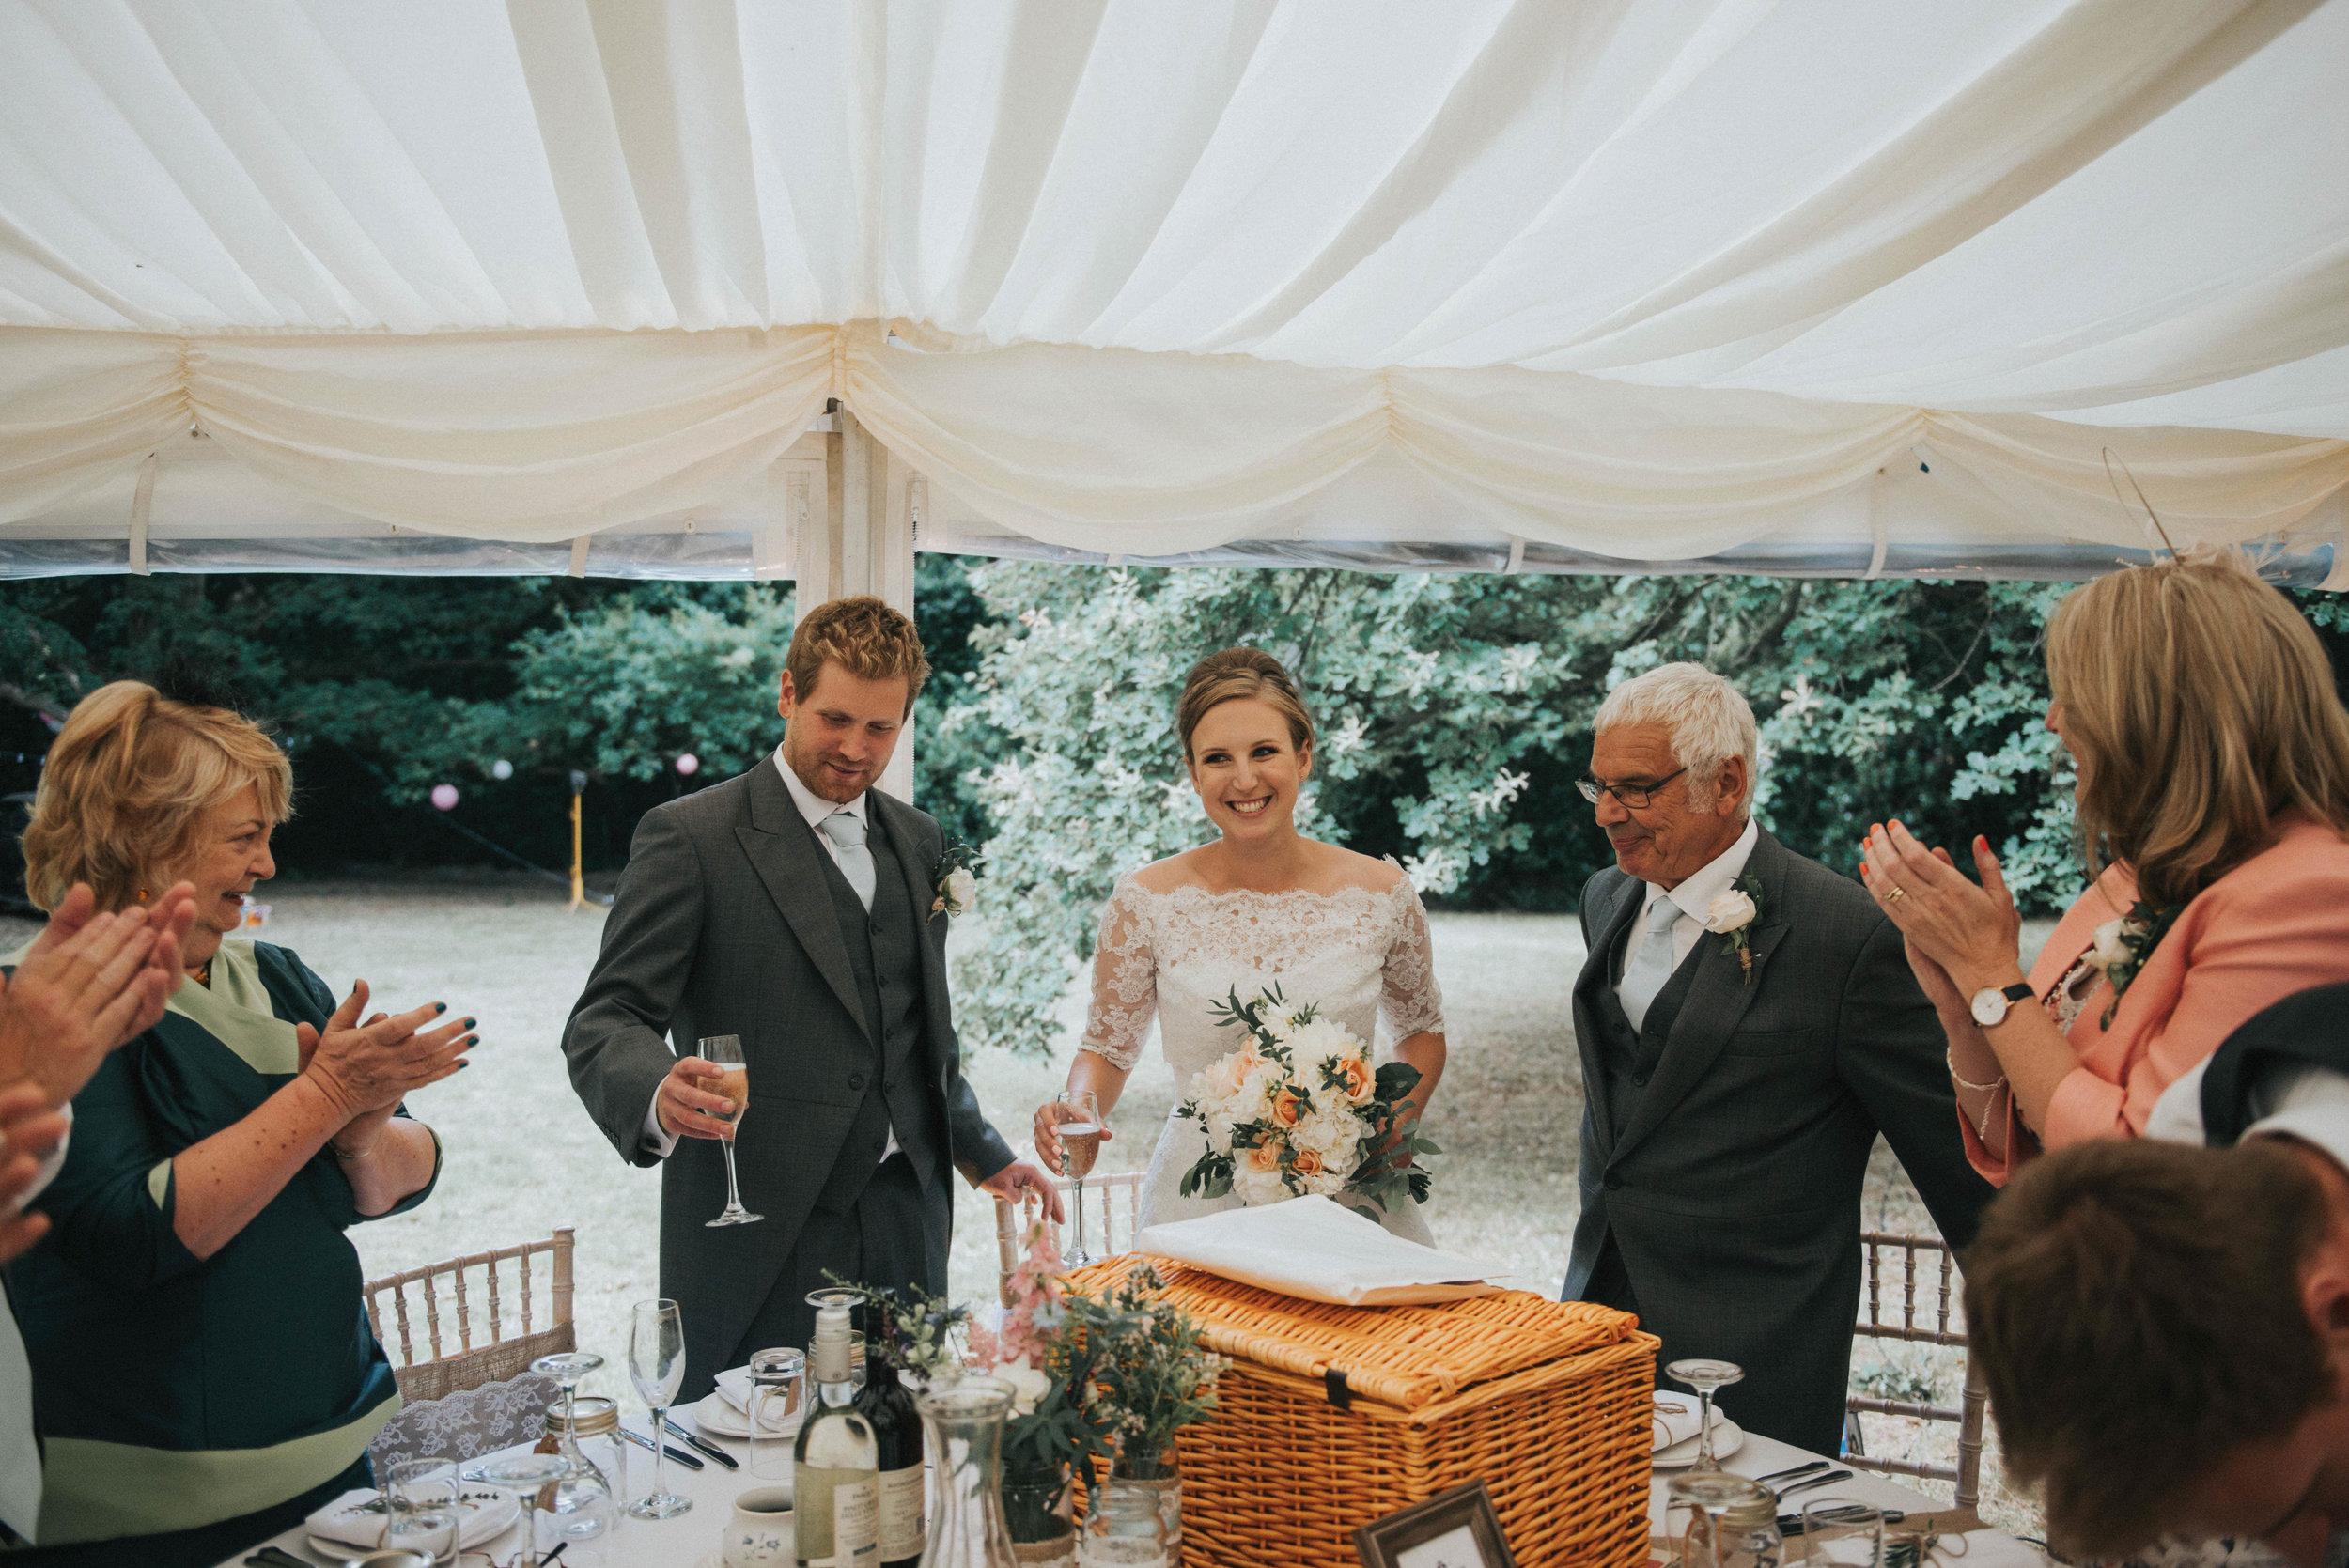 festival-farm-wedding-130.jpg